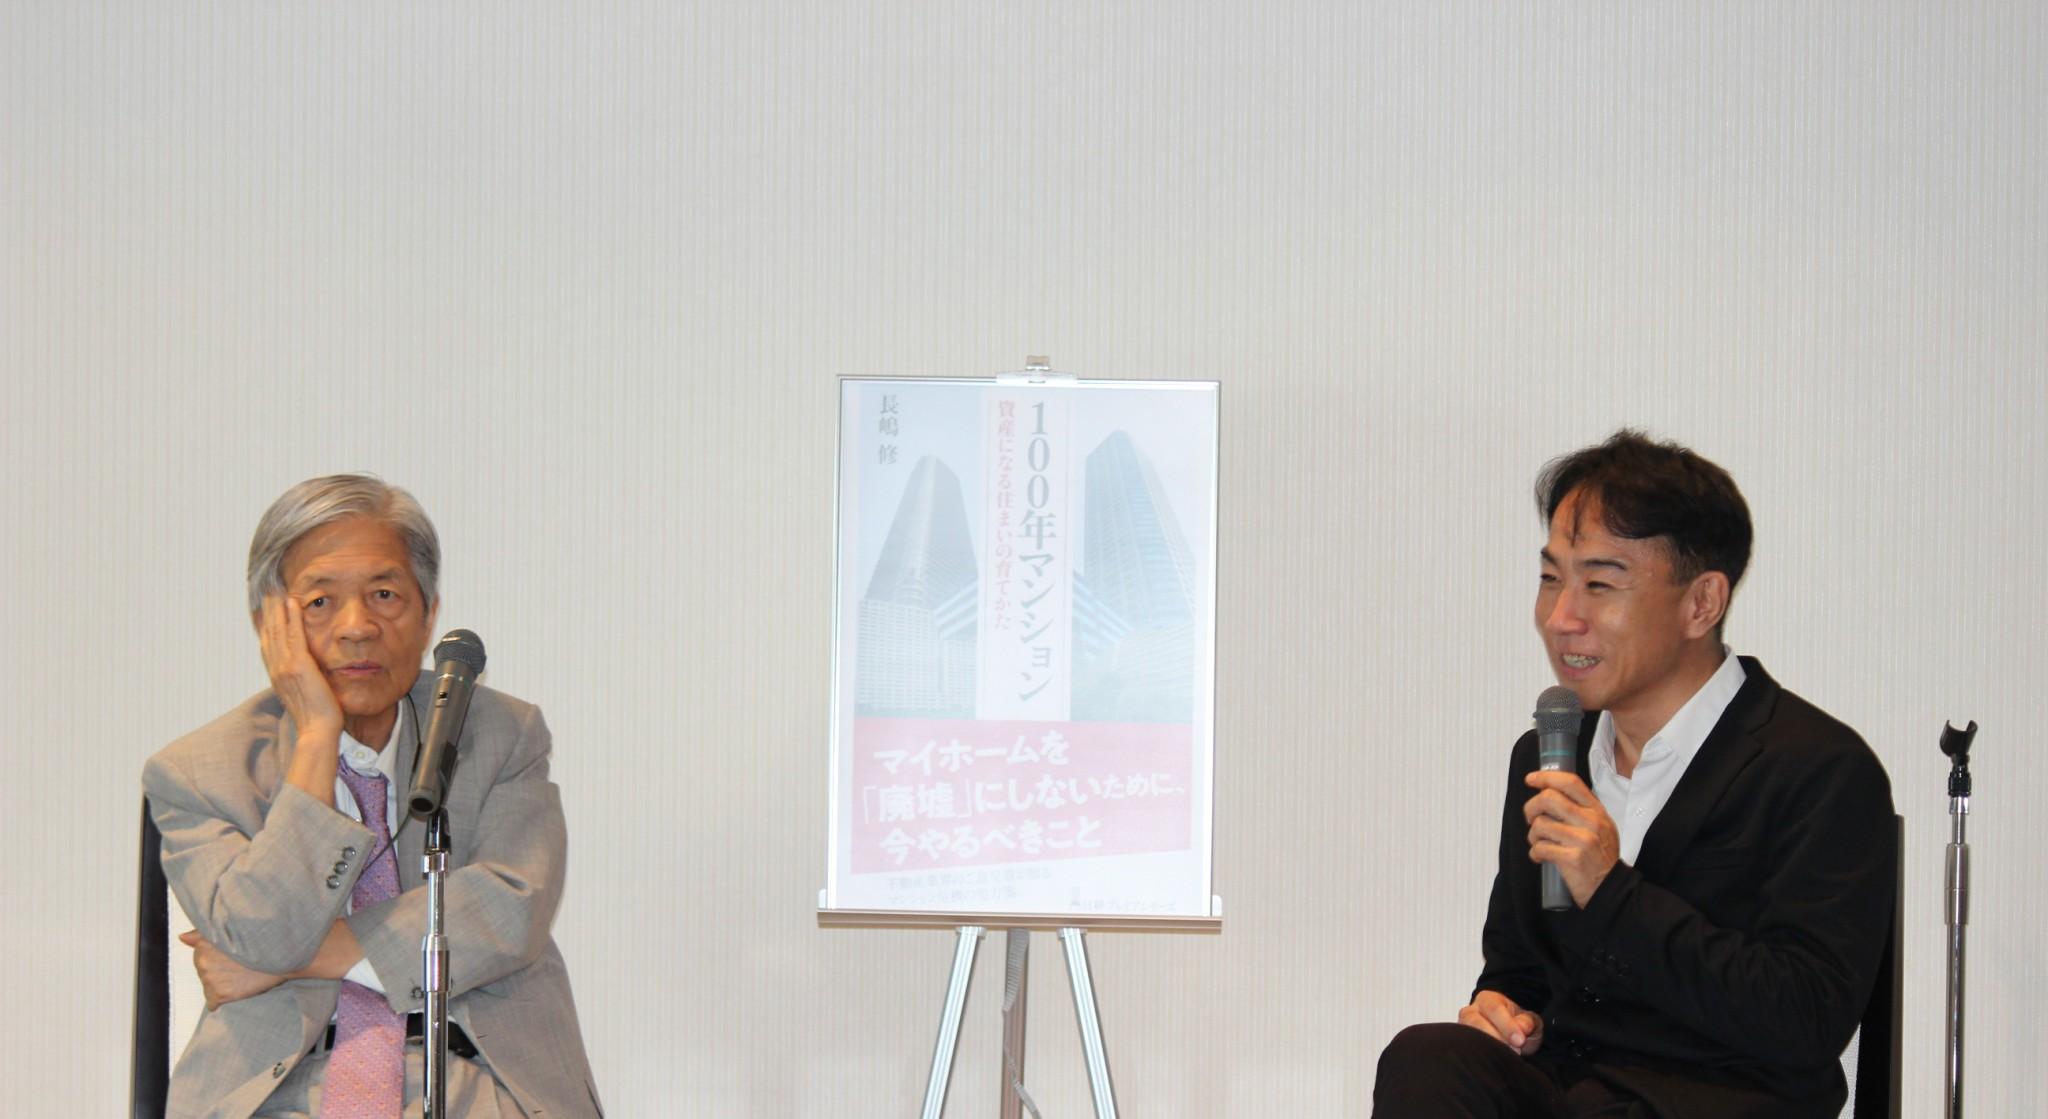 【対談レポート】田原総一朗氏×長嶋修が日本経済とマンション・住宅市場を語る(前編)